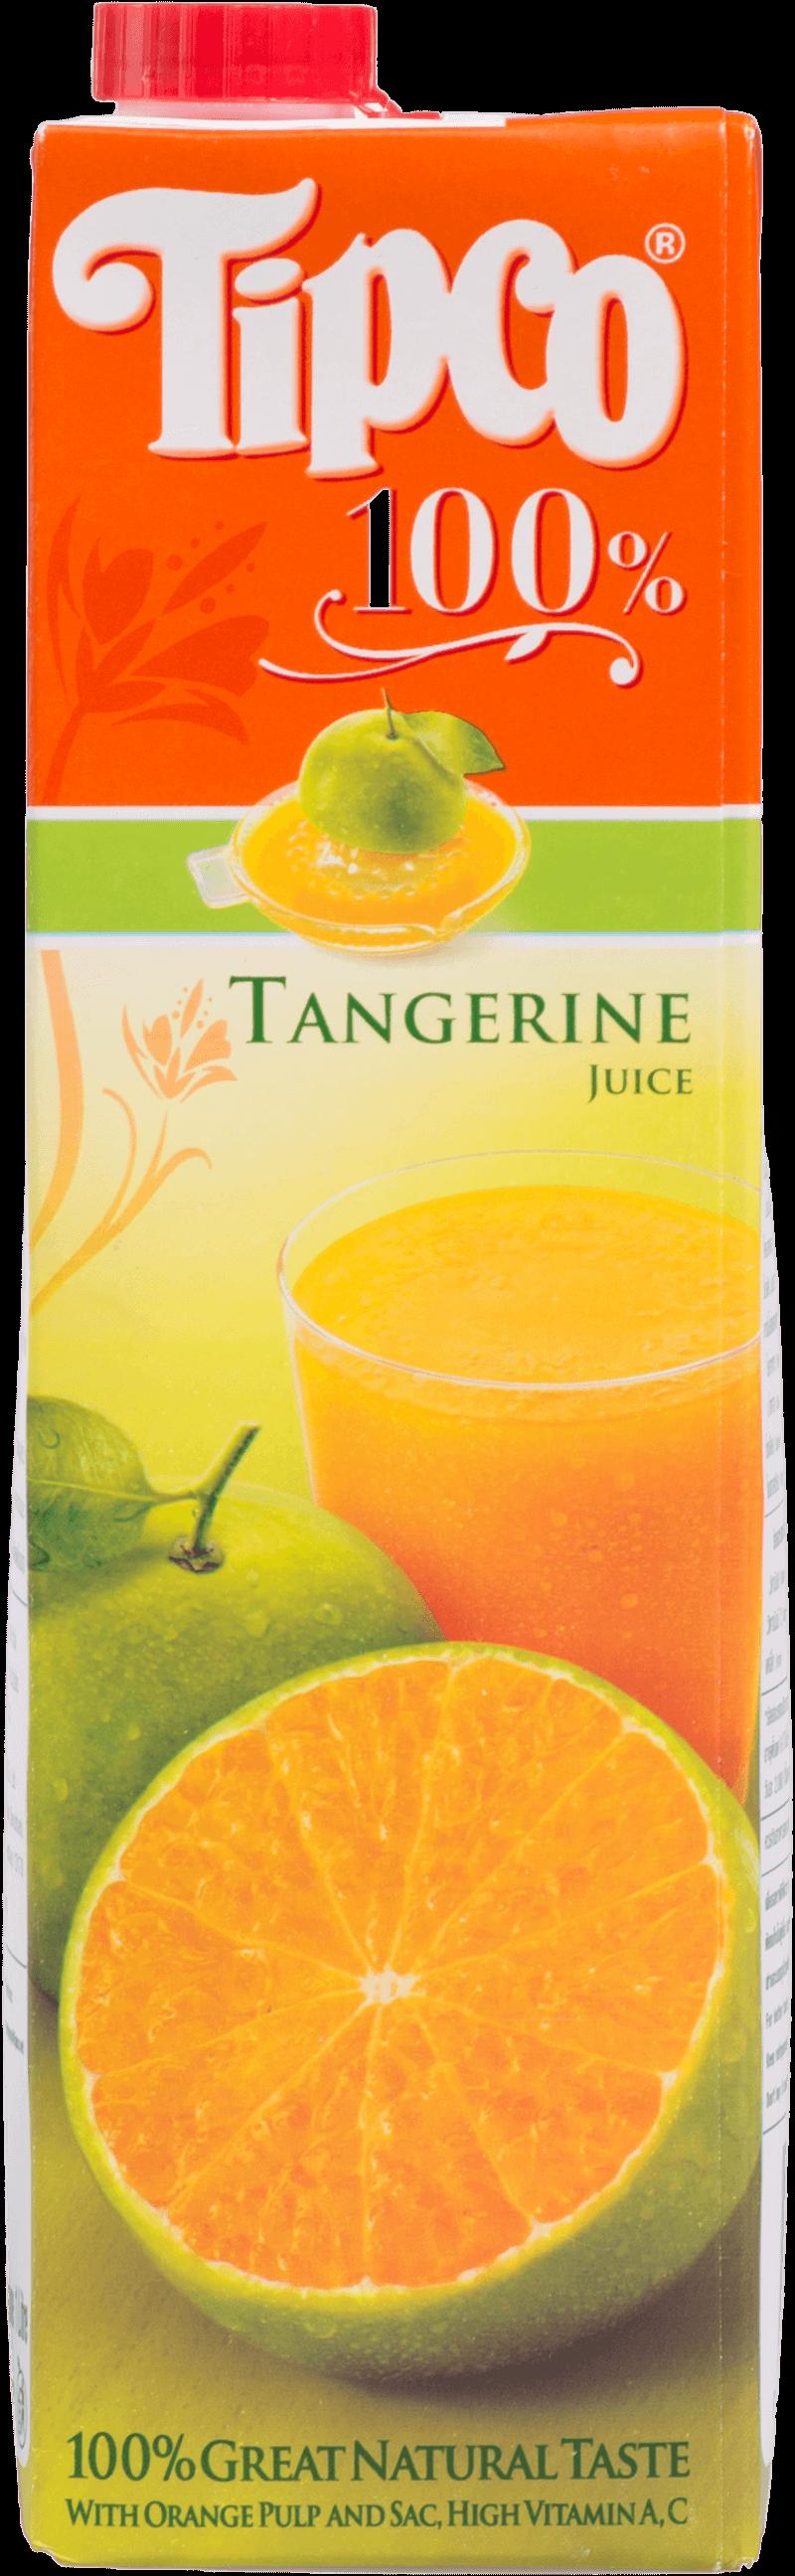 น้ำส้มเขียวหวาน 100% Tipco 1,000 มล.